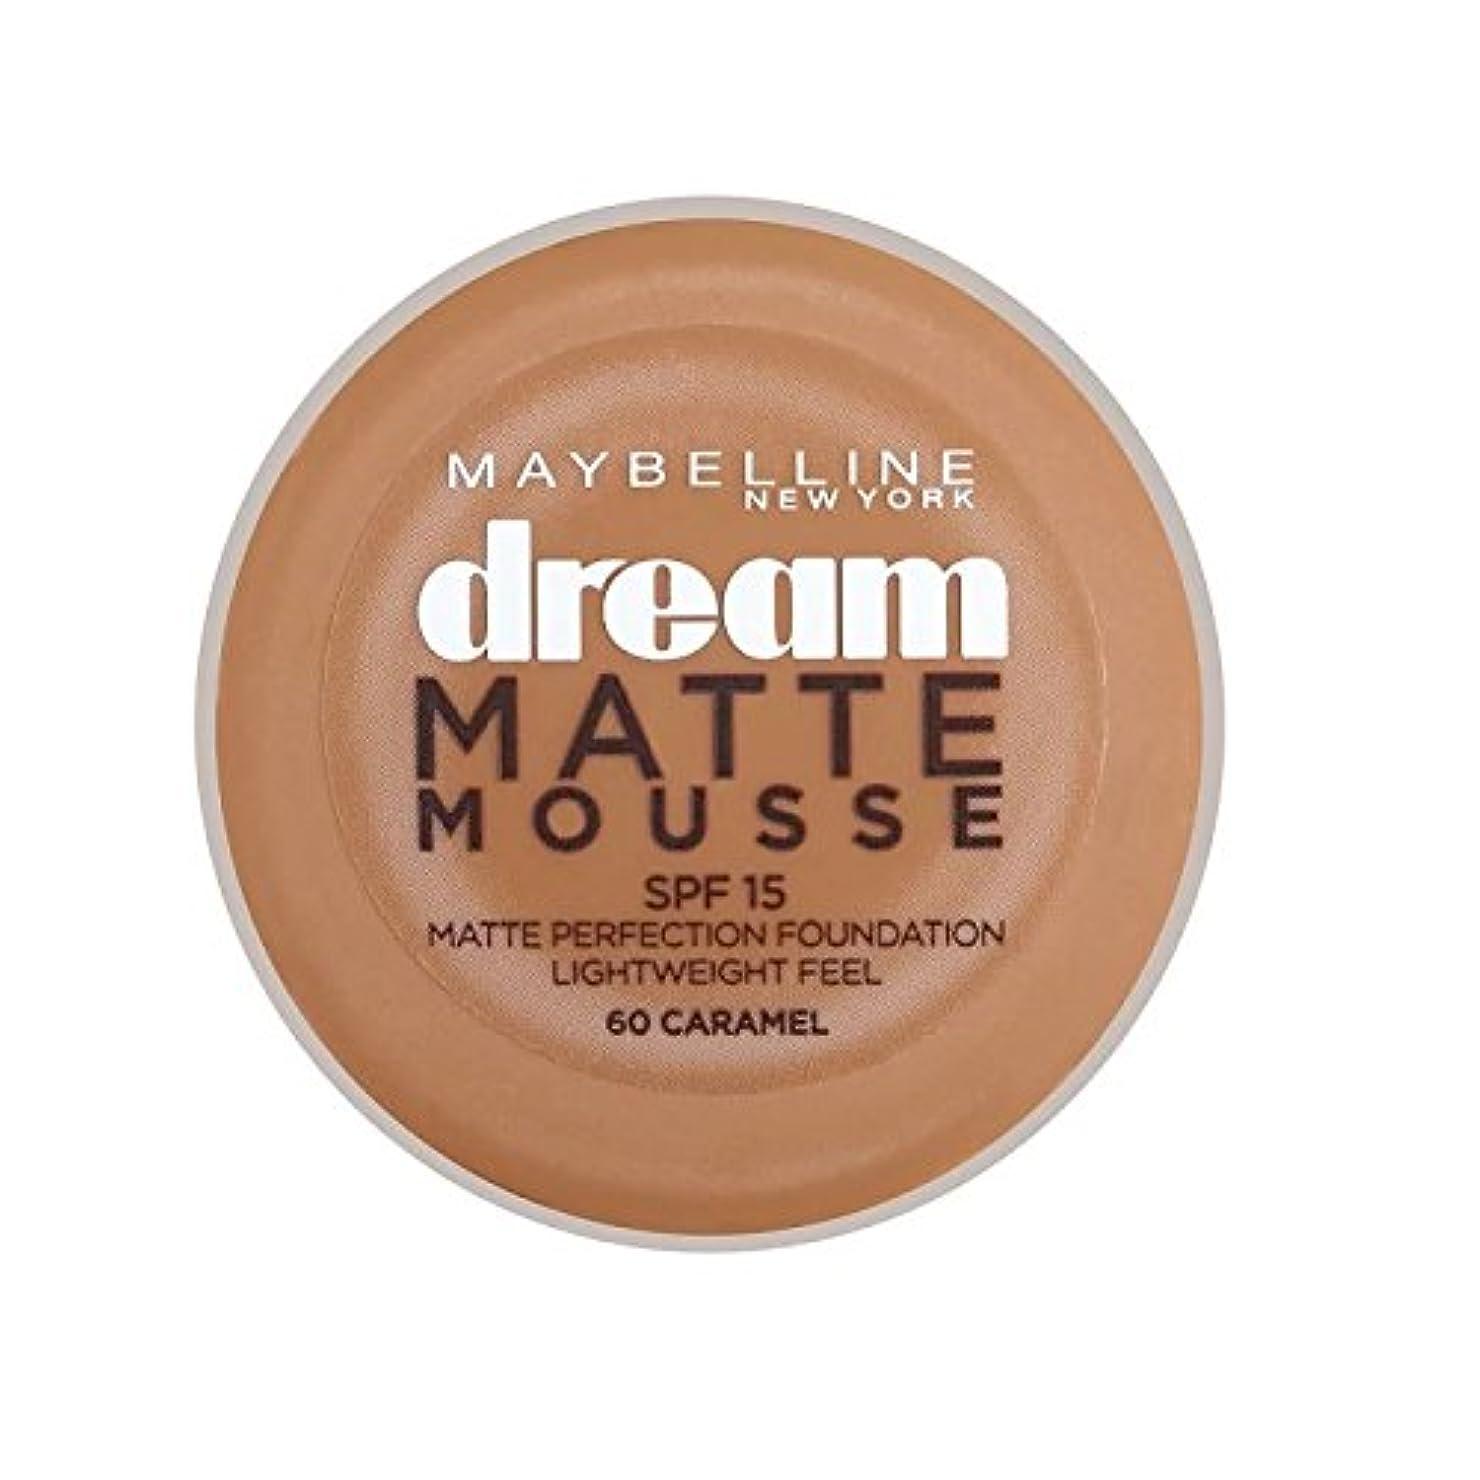 継承分数勇気Maybelline Dream Matte Mousse Foundation 60 Caramel 10ml - メイベリン夢のマットムース土台60キャラメル10ミリリットル [並行輸入品]